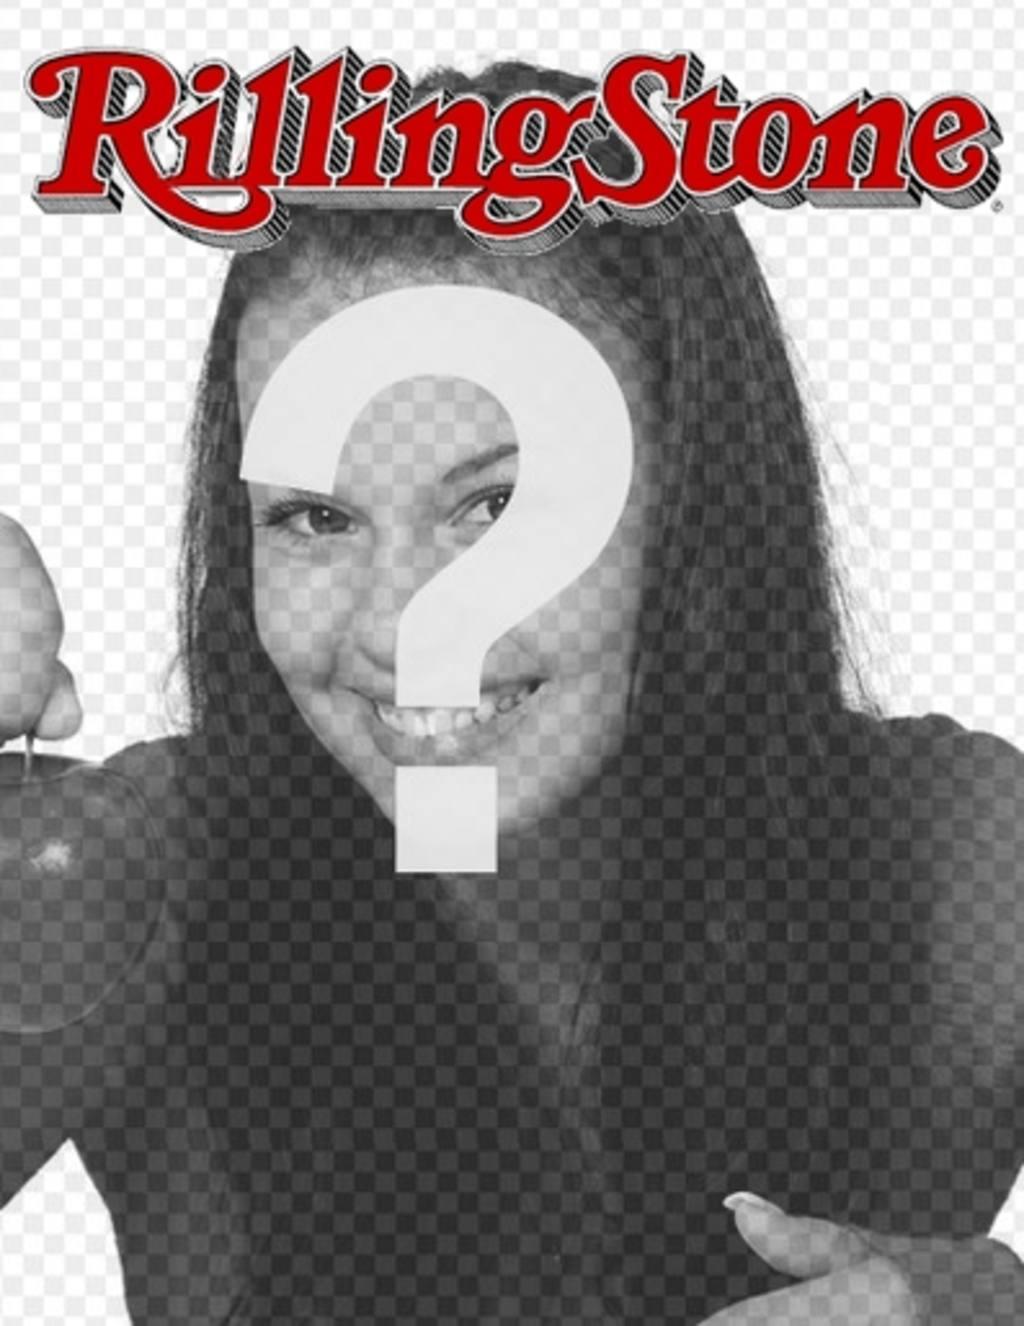 rolling stone portada personalizable foto edita plantilla propia pagina tienes subir imagen sal revista